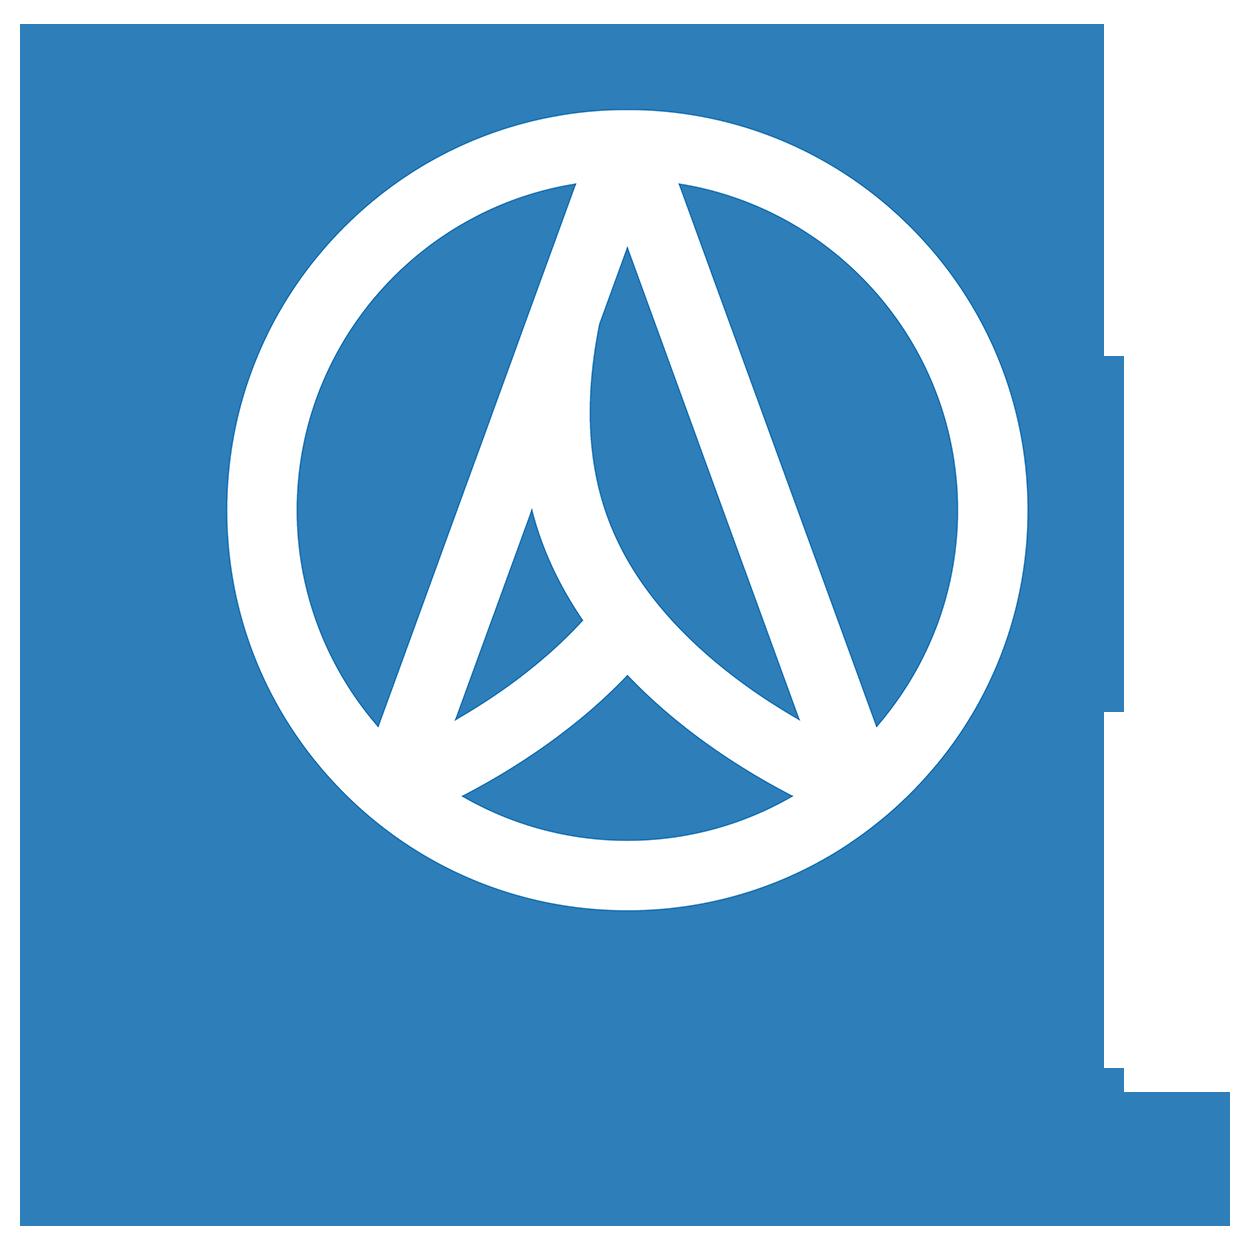 Intents Mobi - Square Logo - Medium